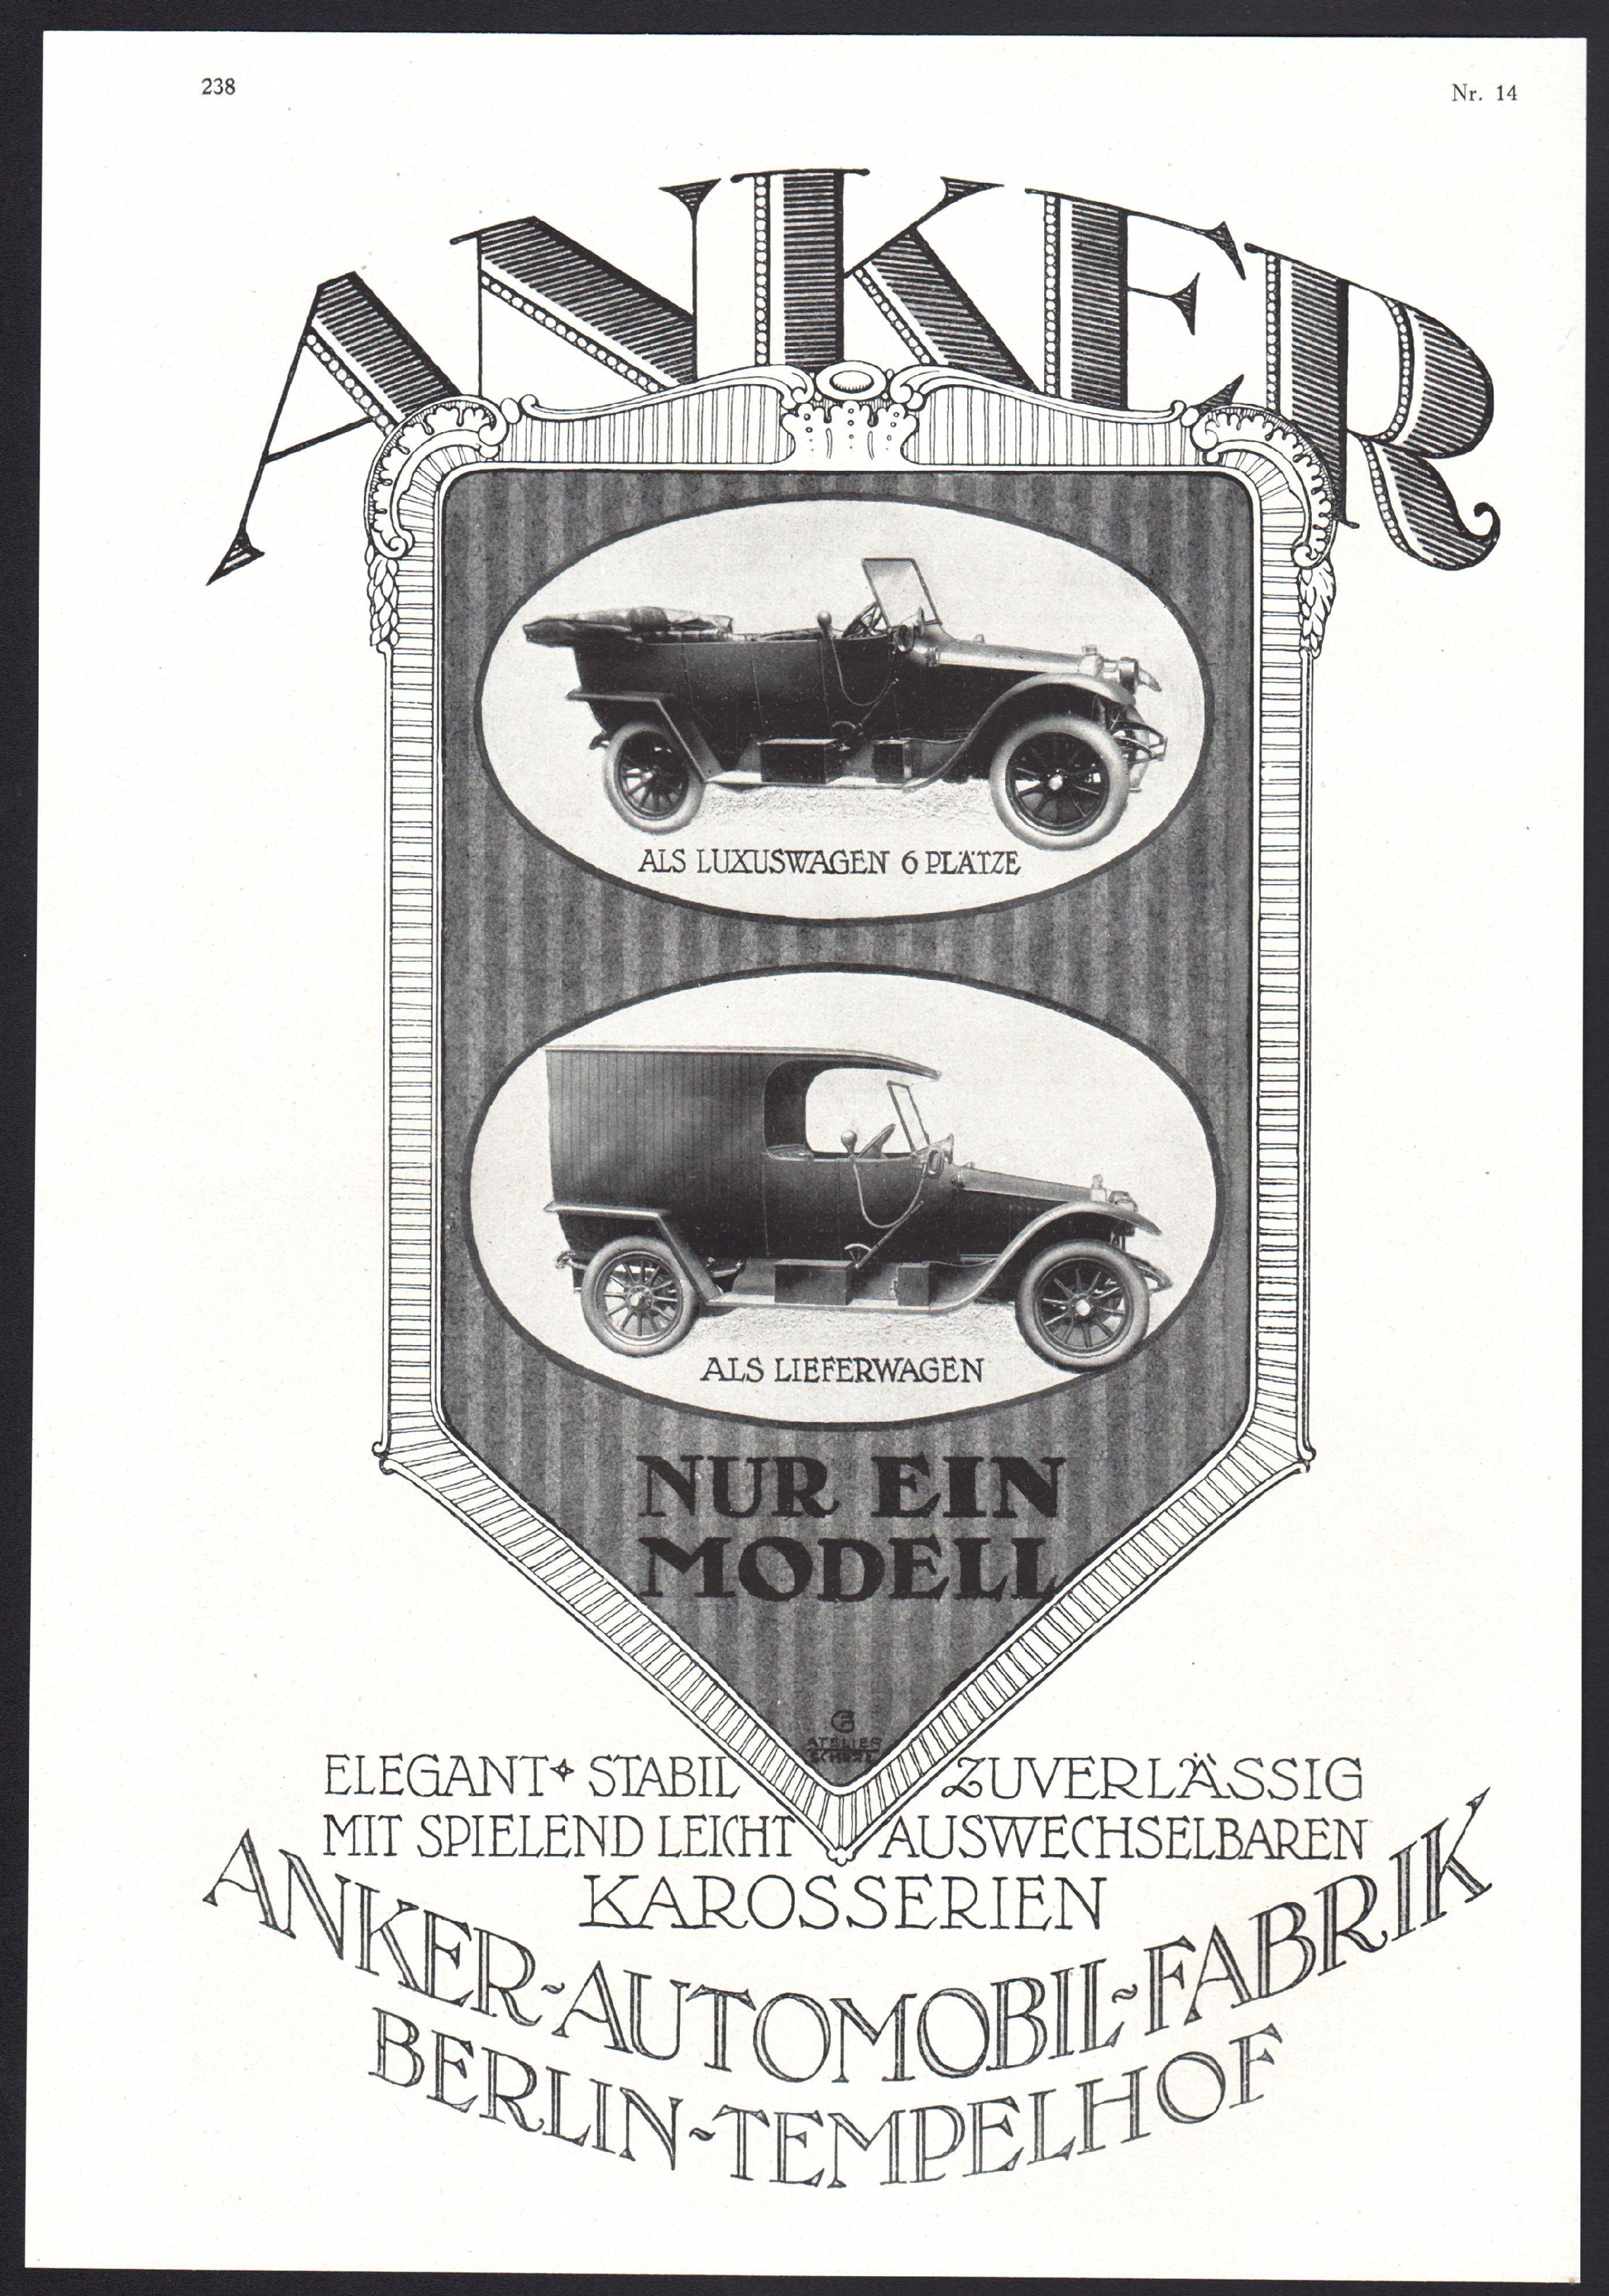 tempelhof werbung 1919 anker automobile fabrik oldtimer car voiture reklame c ebay. Black Bedroom Furniture Sets. Home Design Ideas